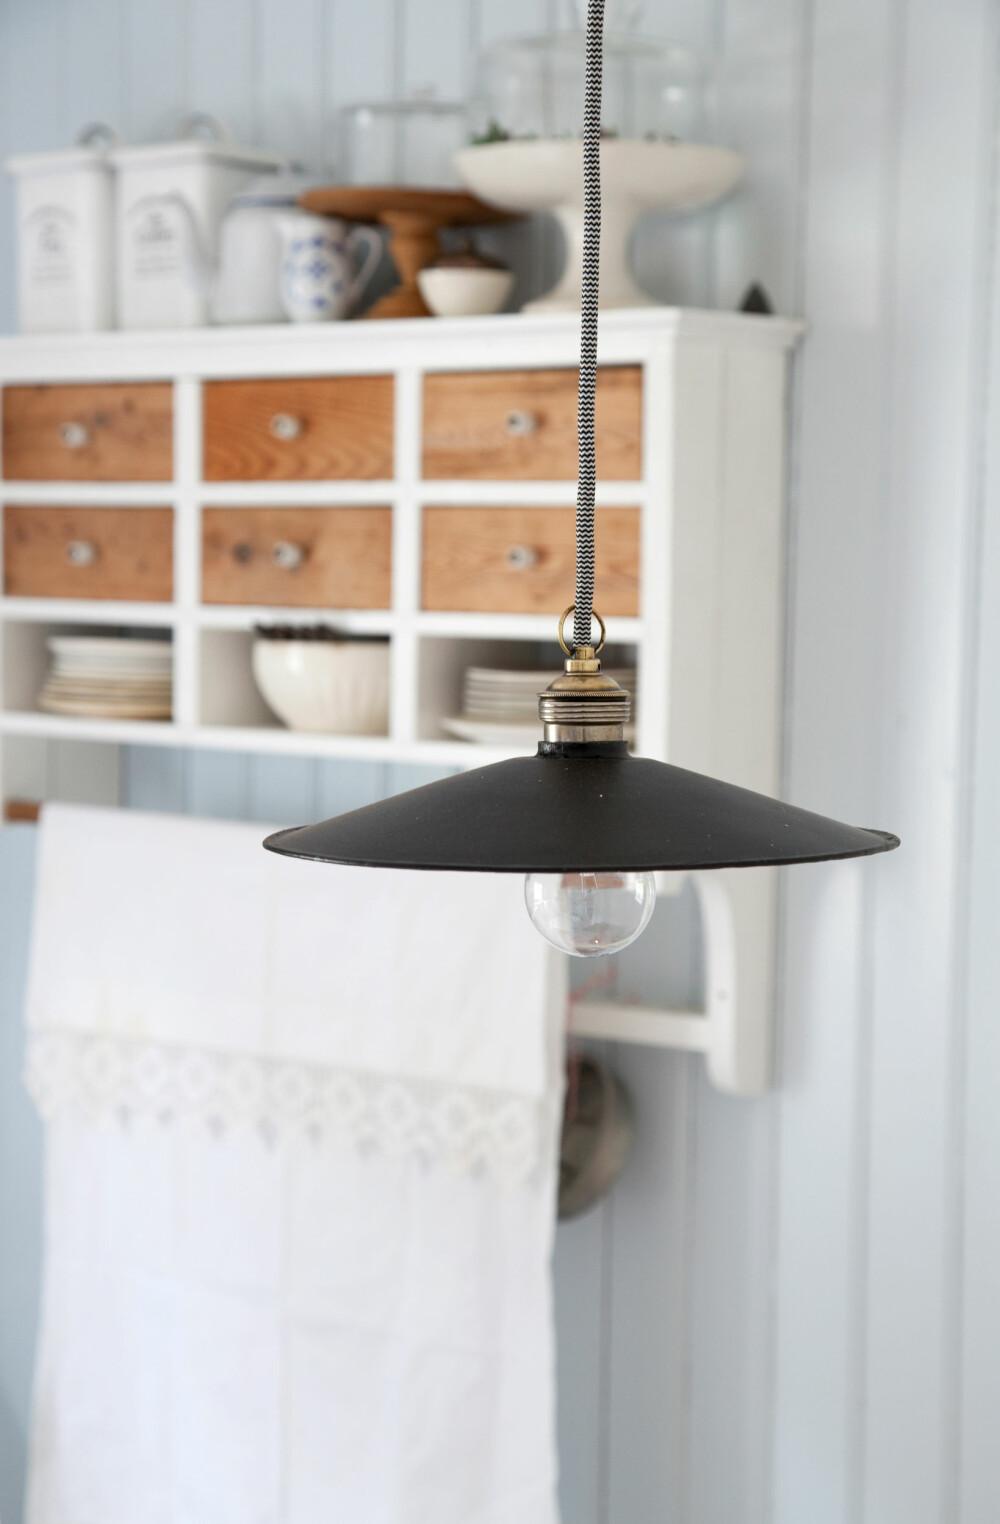 ENKELT: En enkel skomakerlampe med messingtopp og tekstilledning henger over kjøkkenbordet.